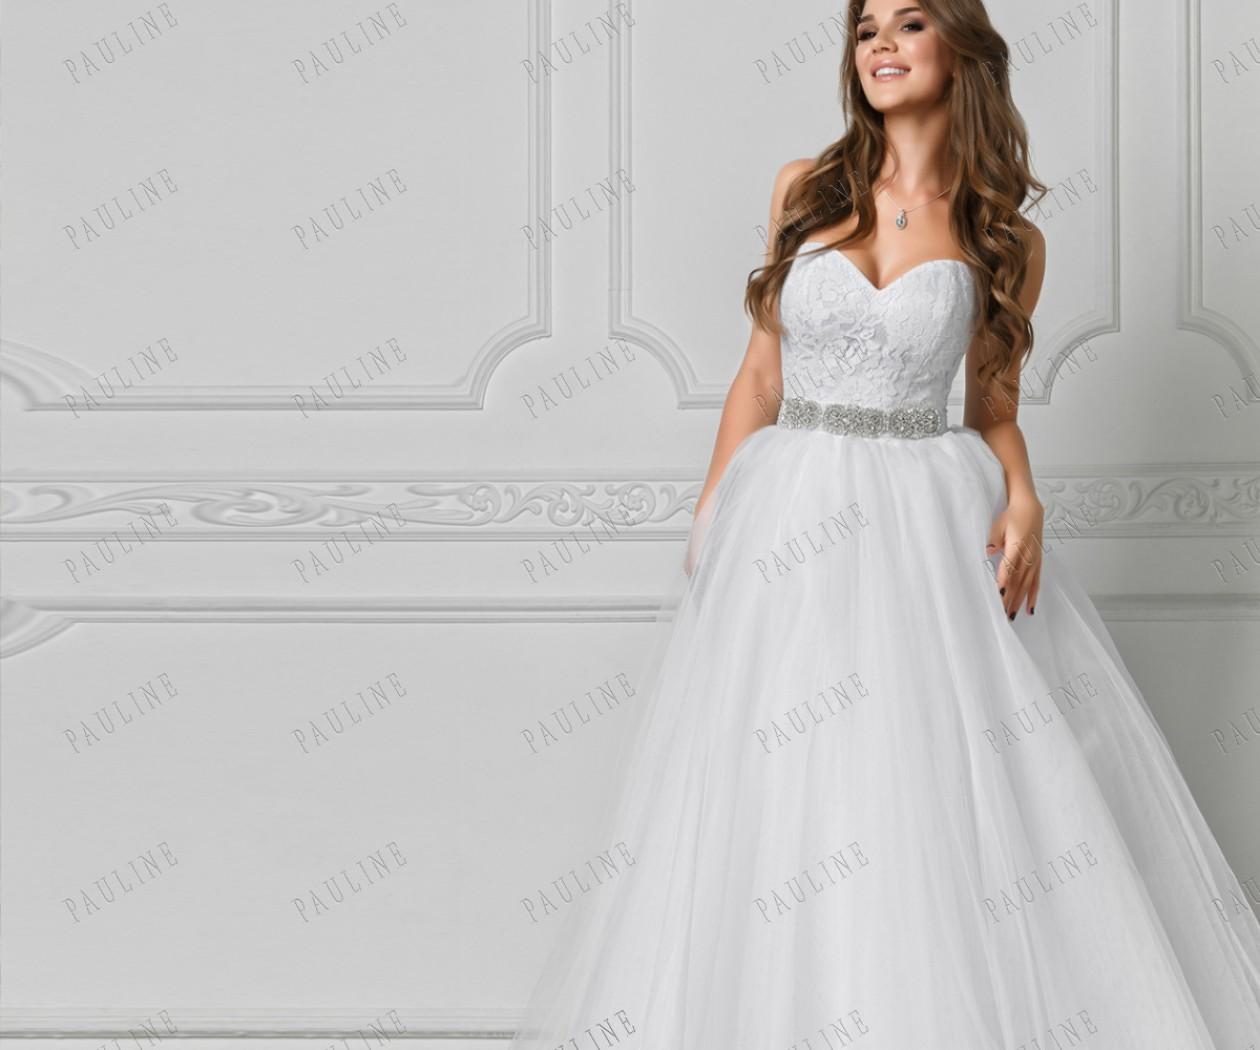 Свадебное платье с кружевным корсетом и пышной юбкой ТИМ РОБЕРТС